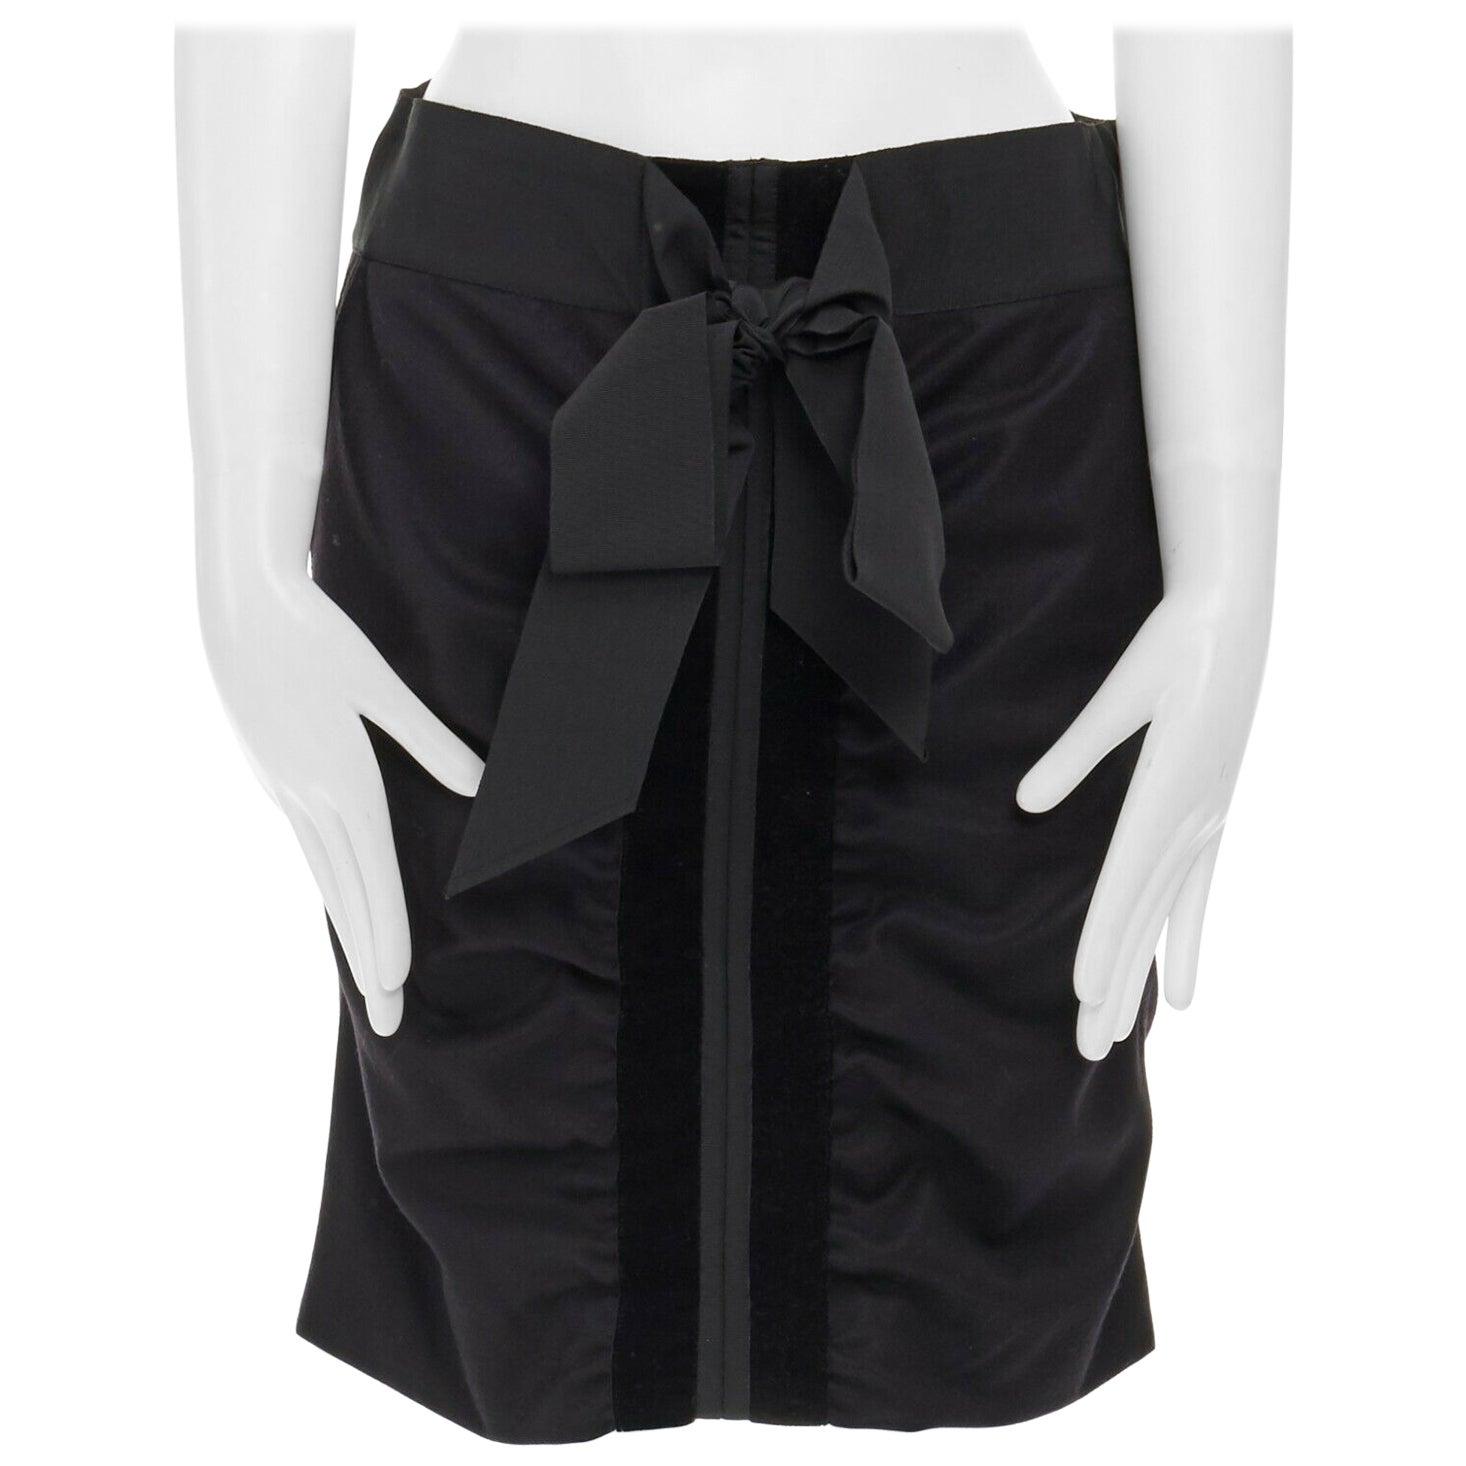 runway YVES SAINT LAURENT TOM FORD AW02 black velvet ribbon trim wool skirt FR36